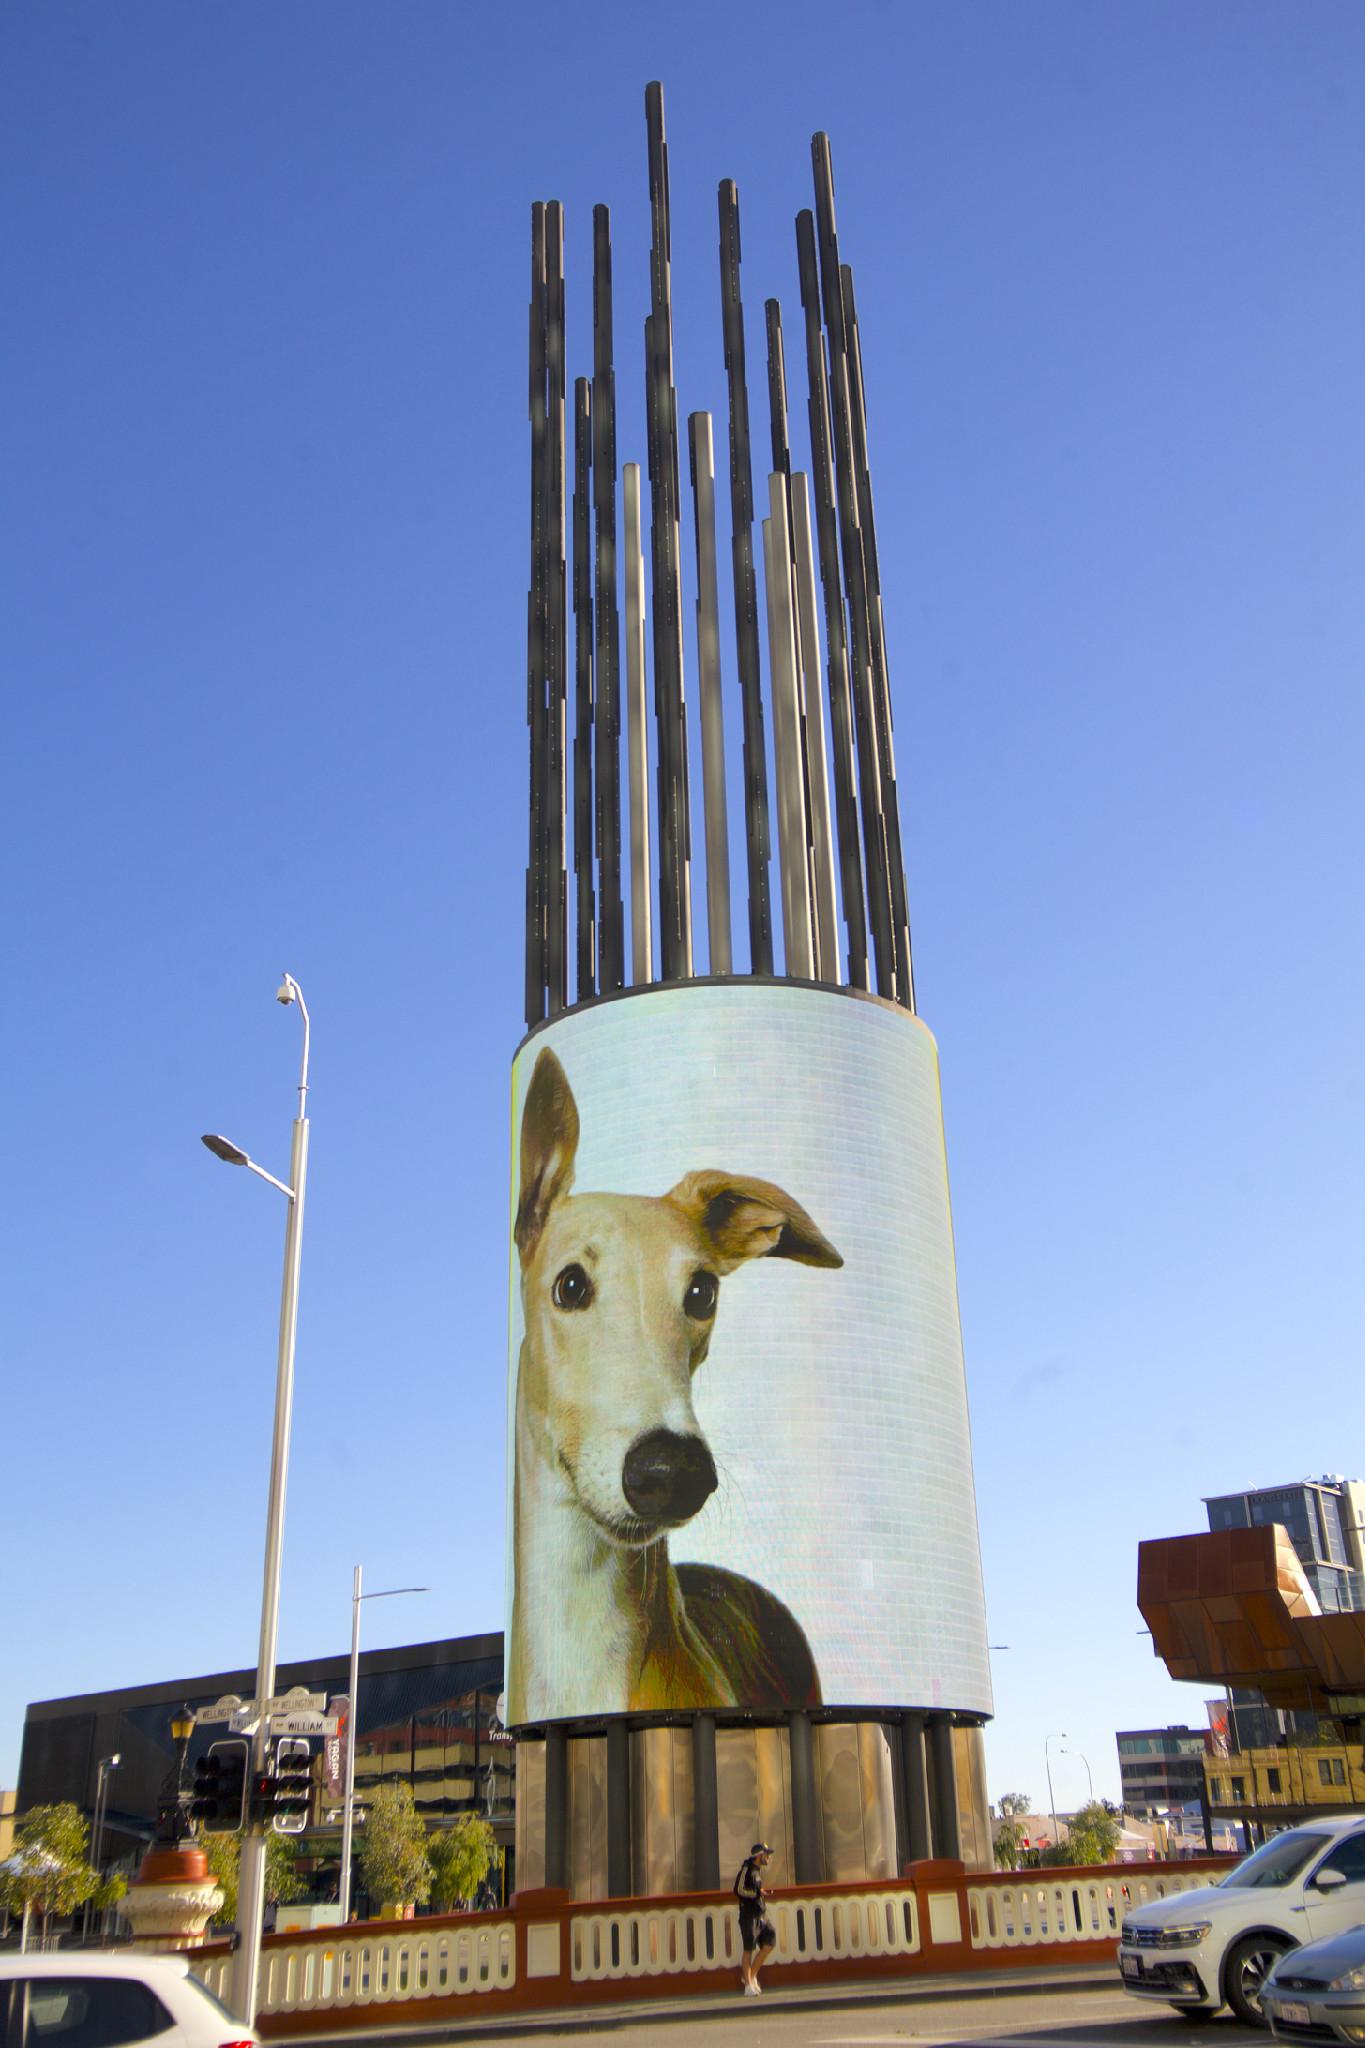 【パース】ウォーターフロント地区の「デジタルタワー」。LEDスクリーンを搭載している